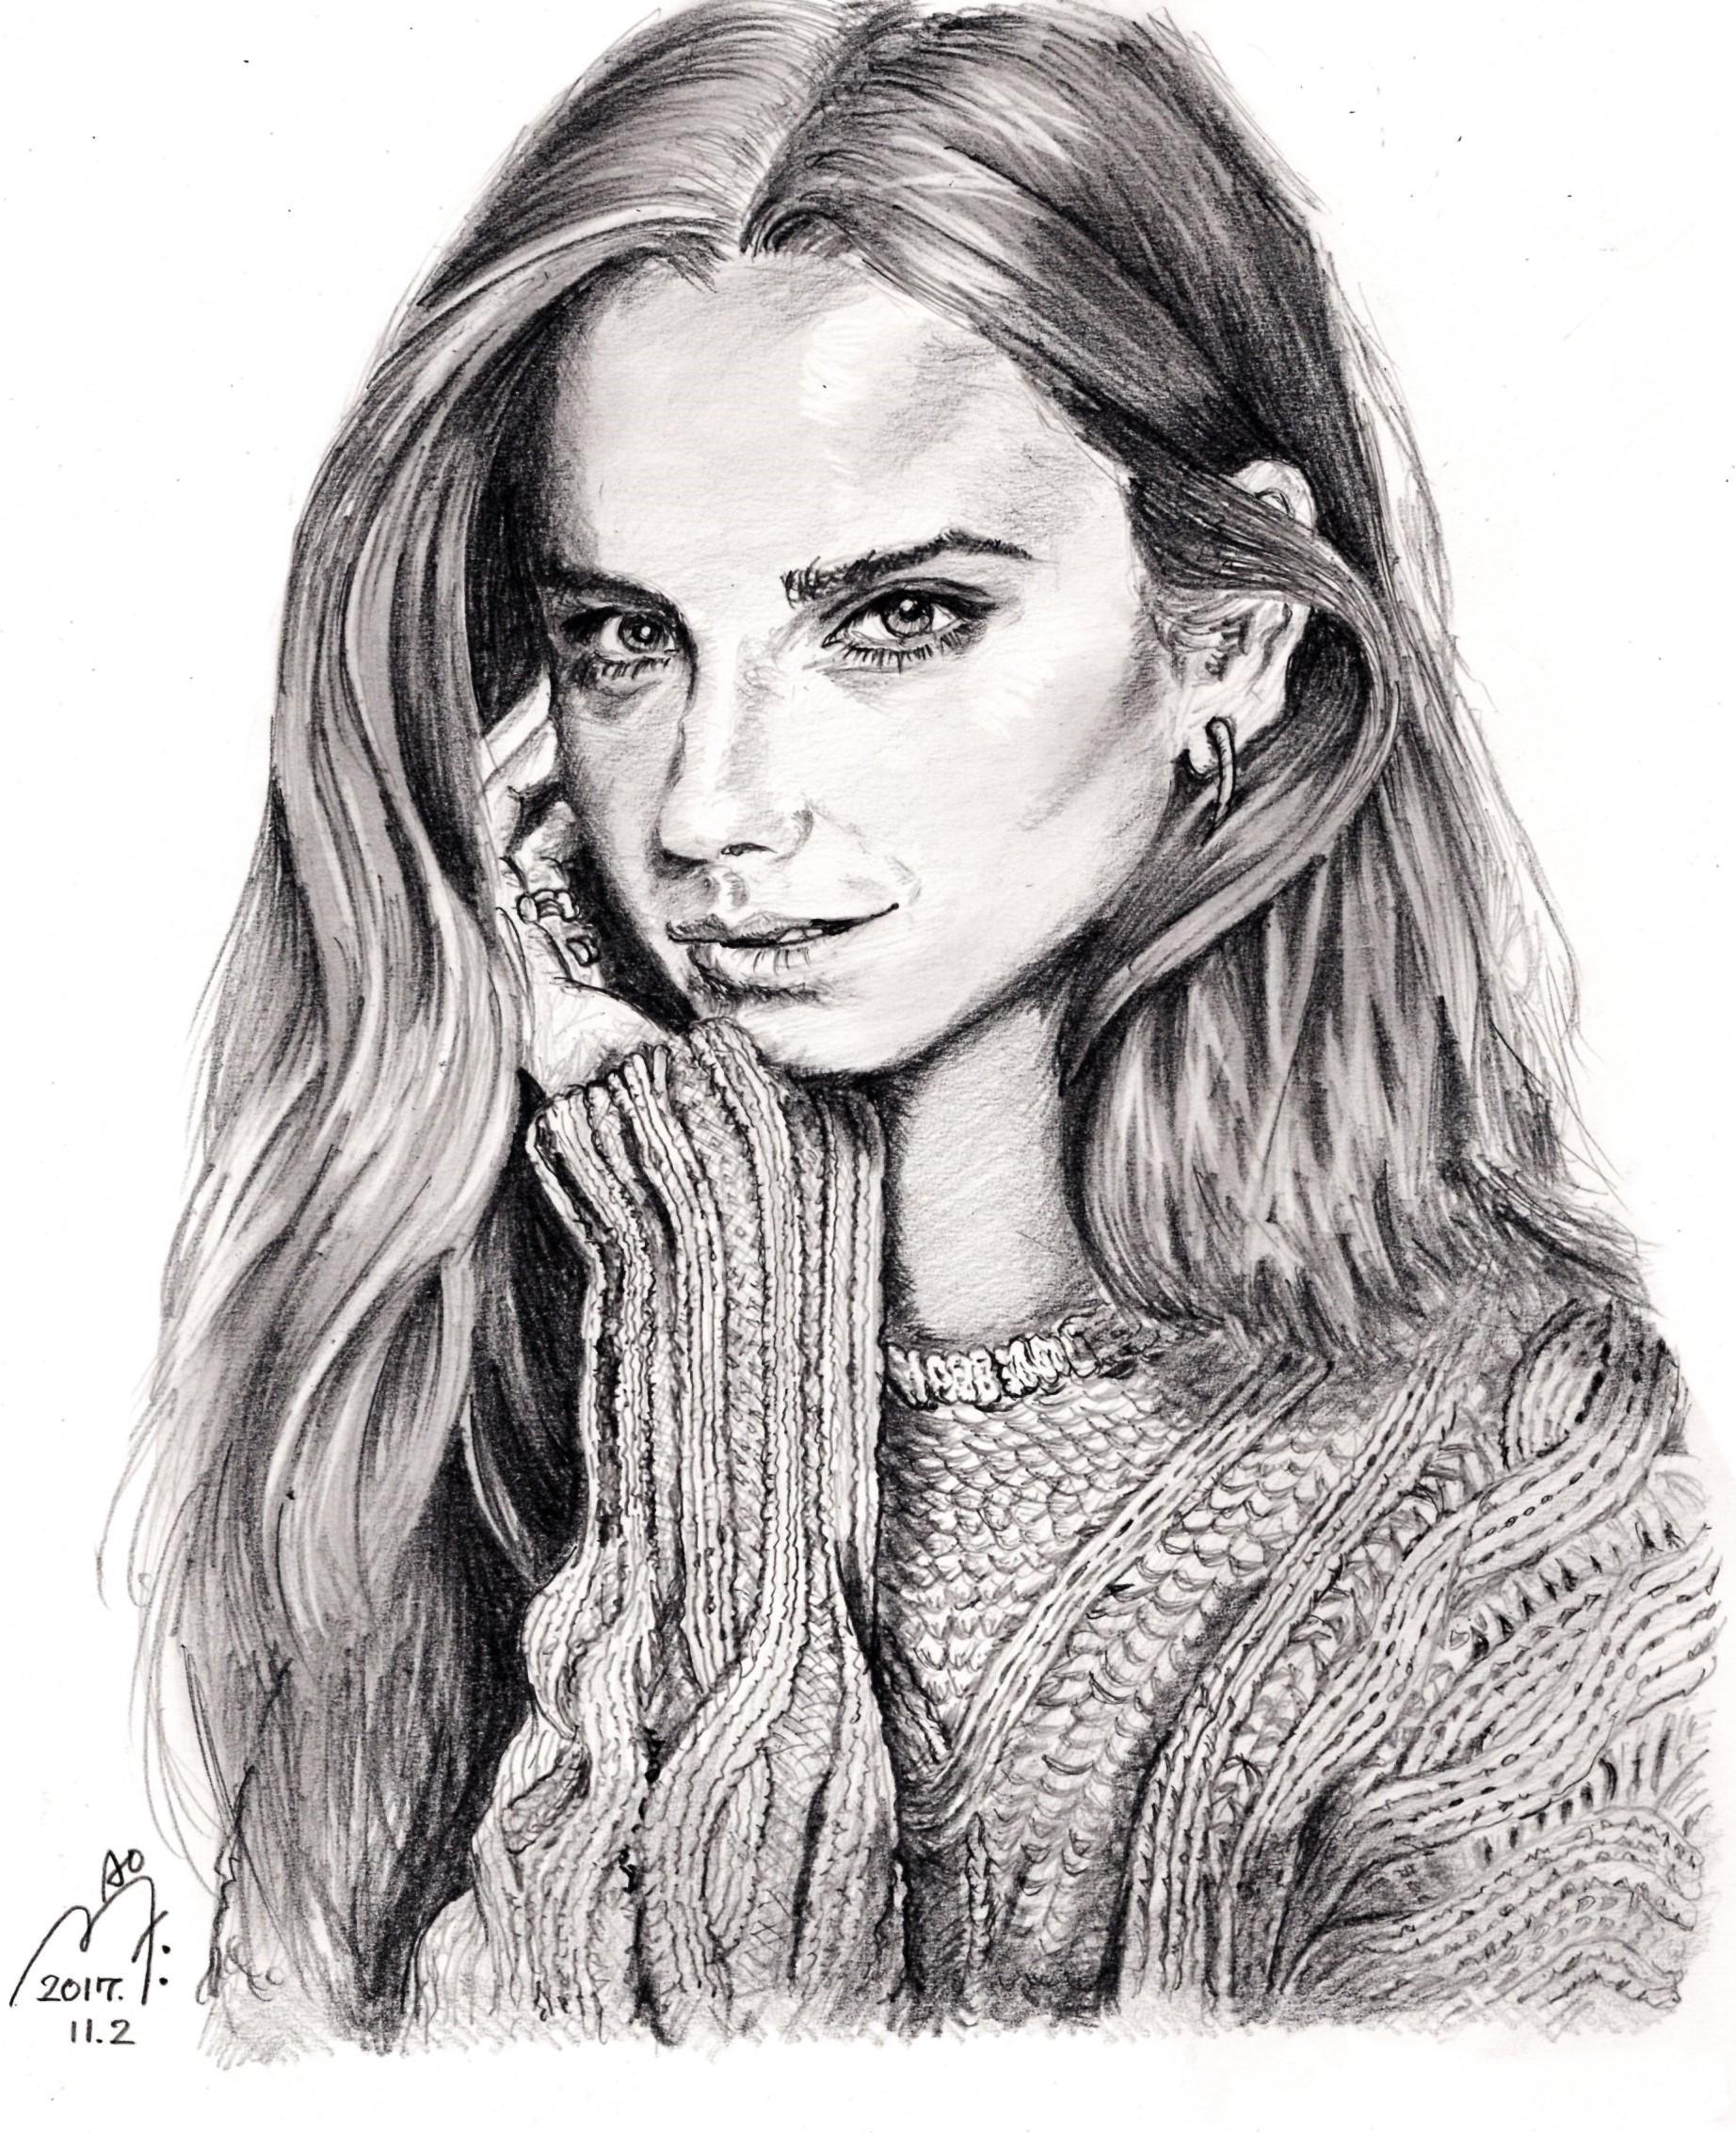 エマ・ワトソンの鉛筆画似顔絵